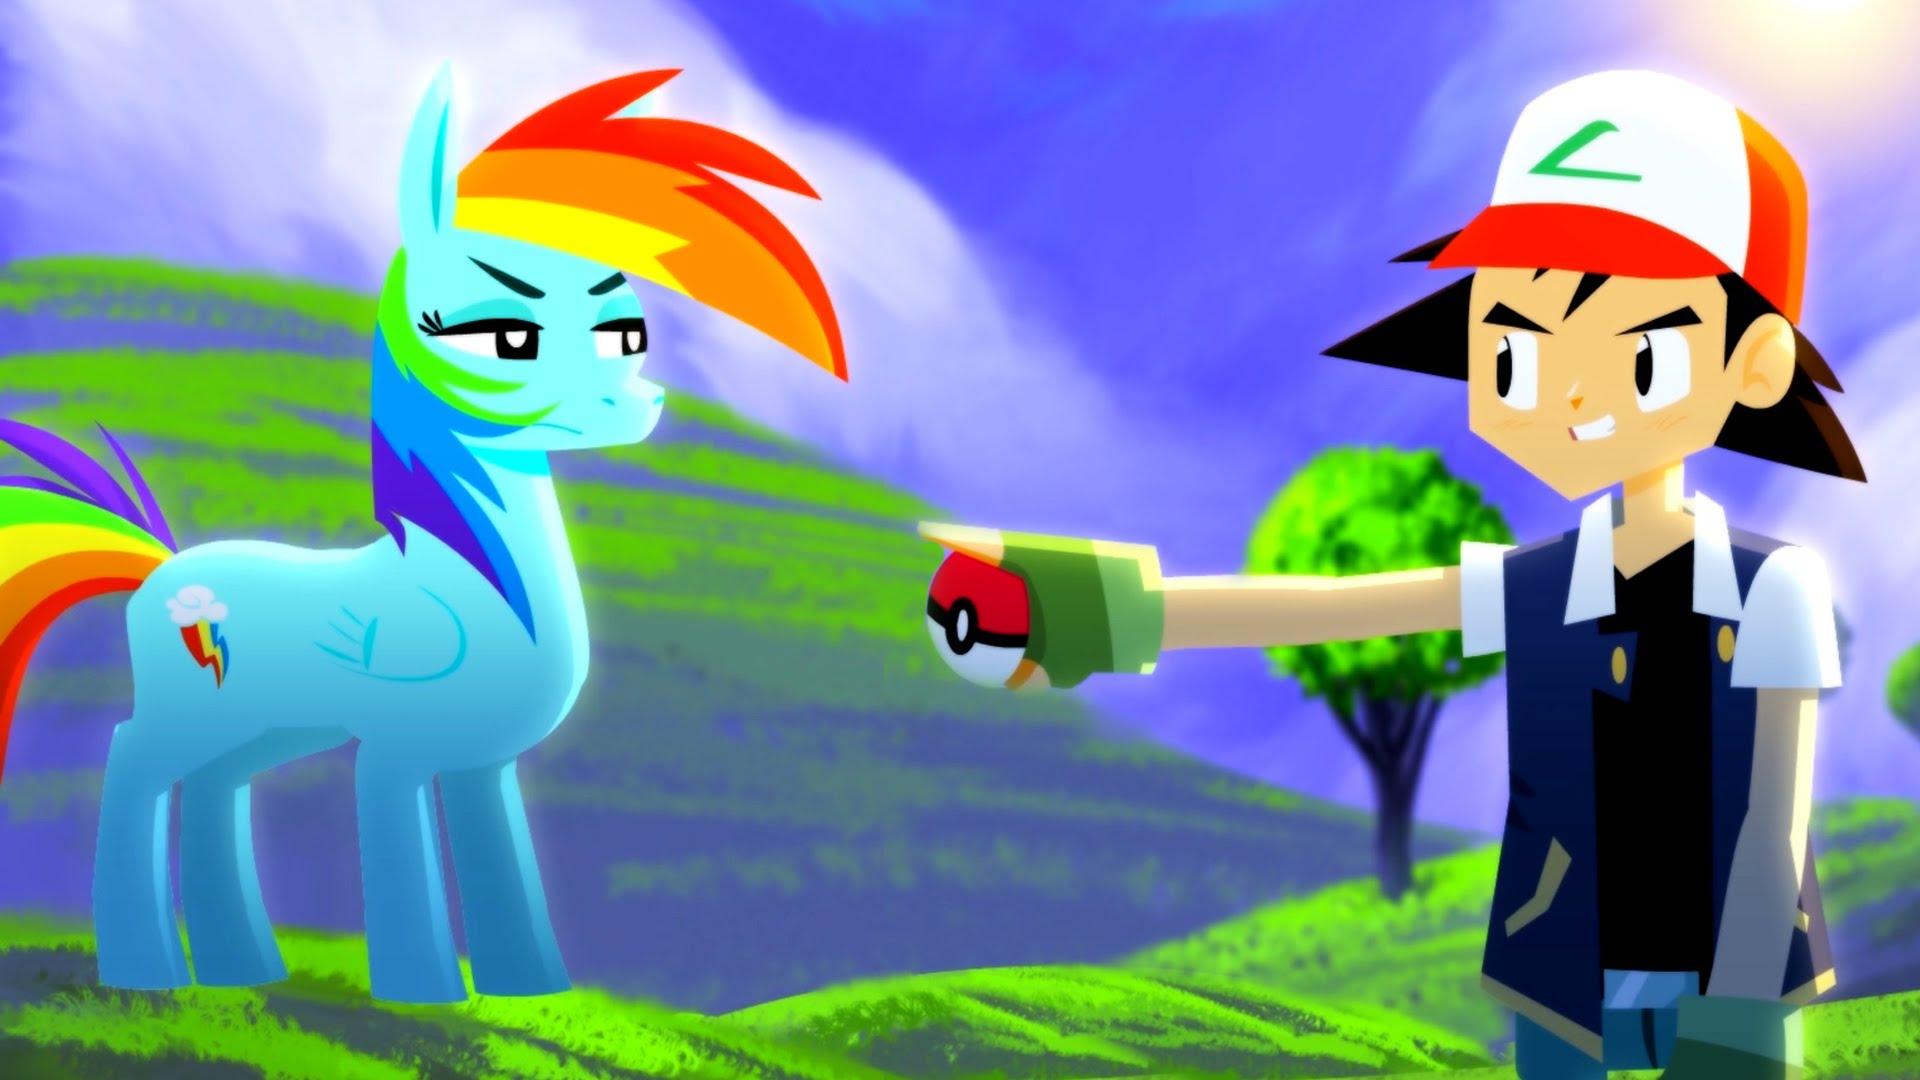 Pokémon vs. My Little Pony - ANIMEME RAP BATTLES | Animeme ...